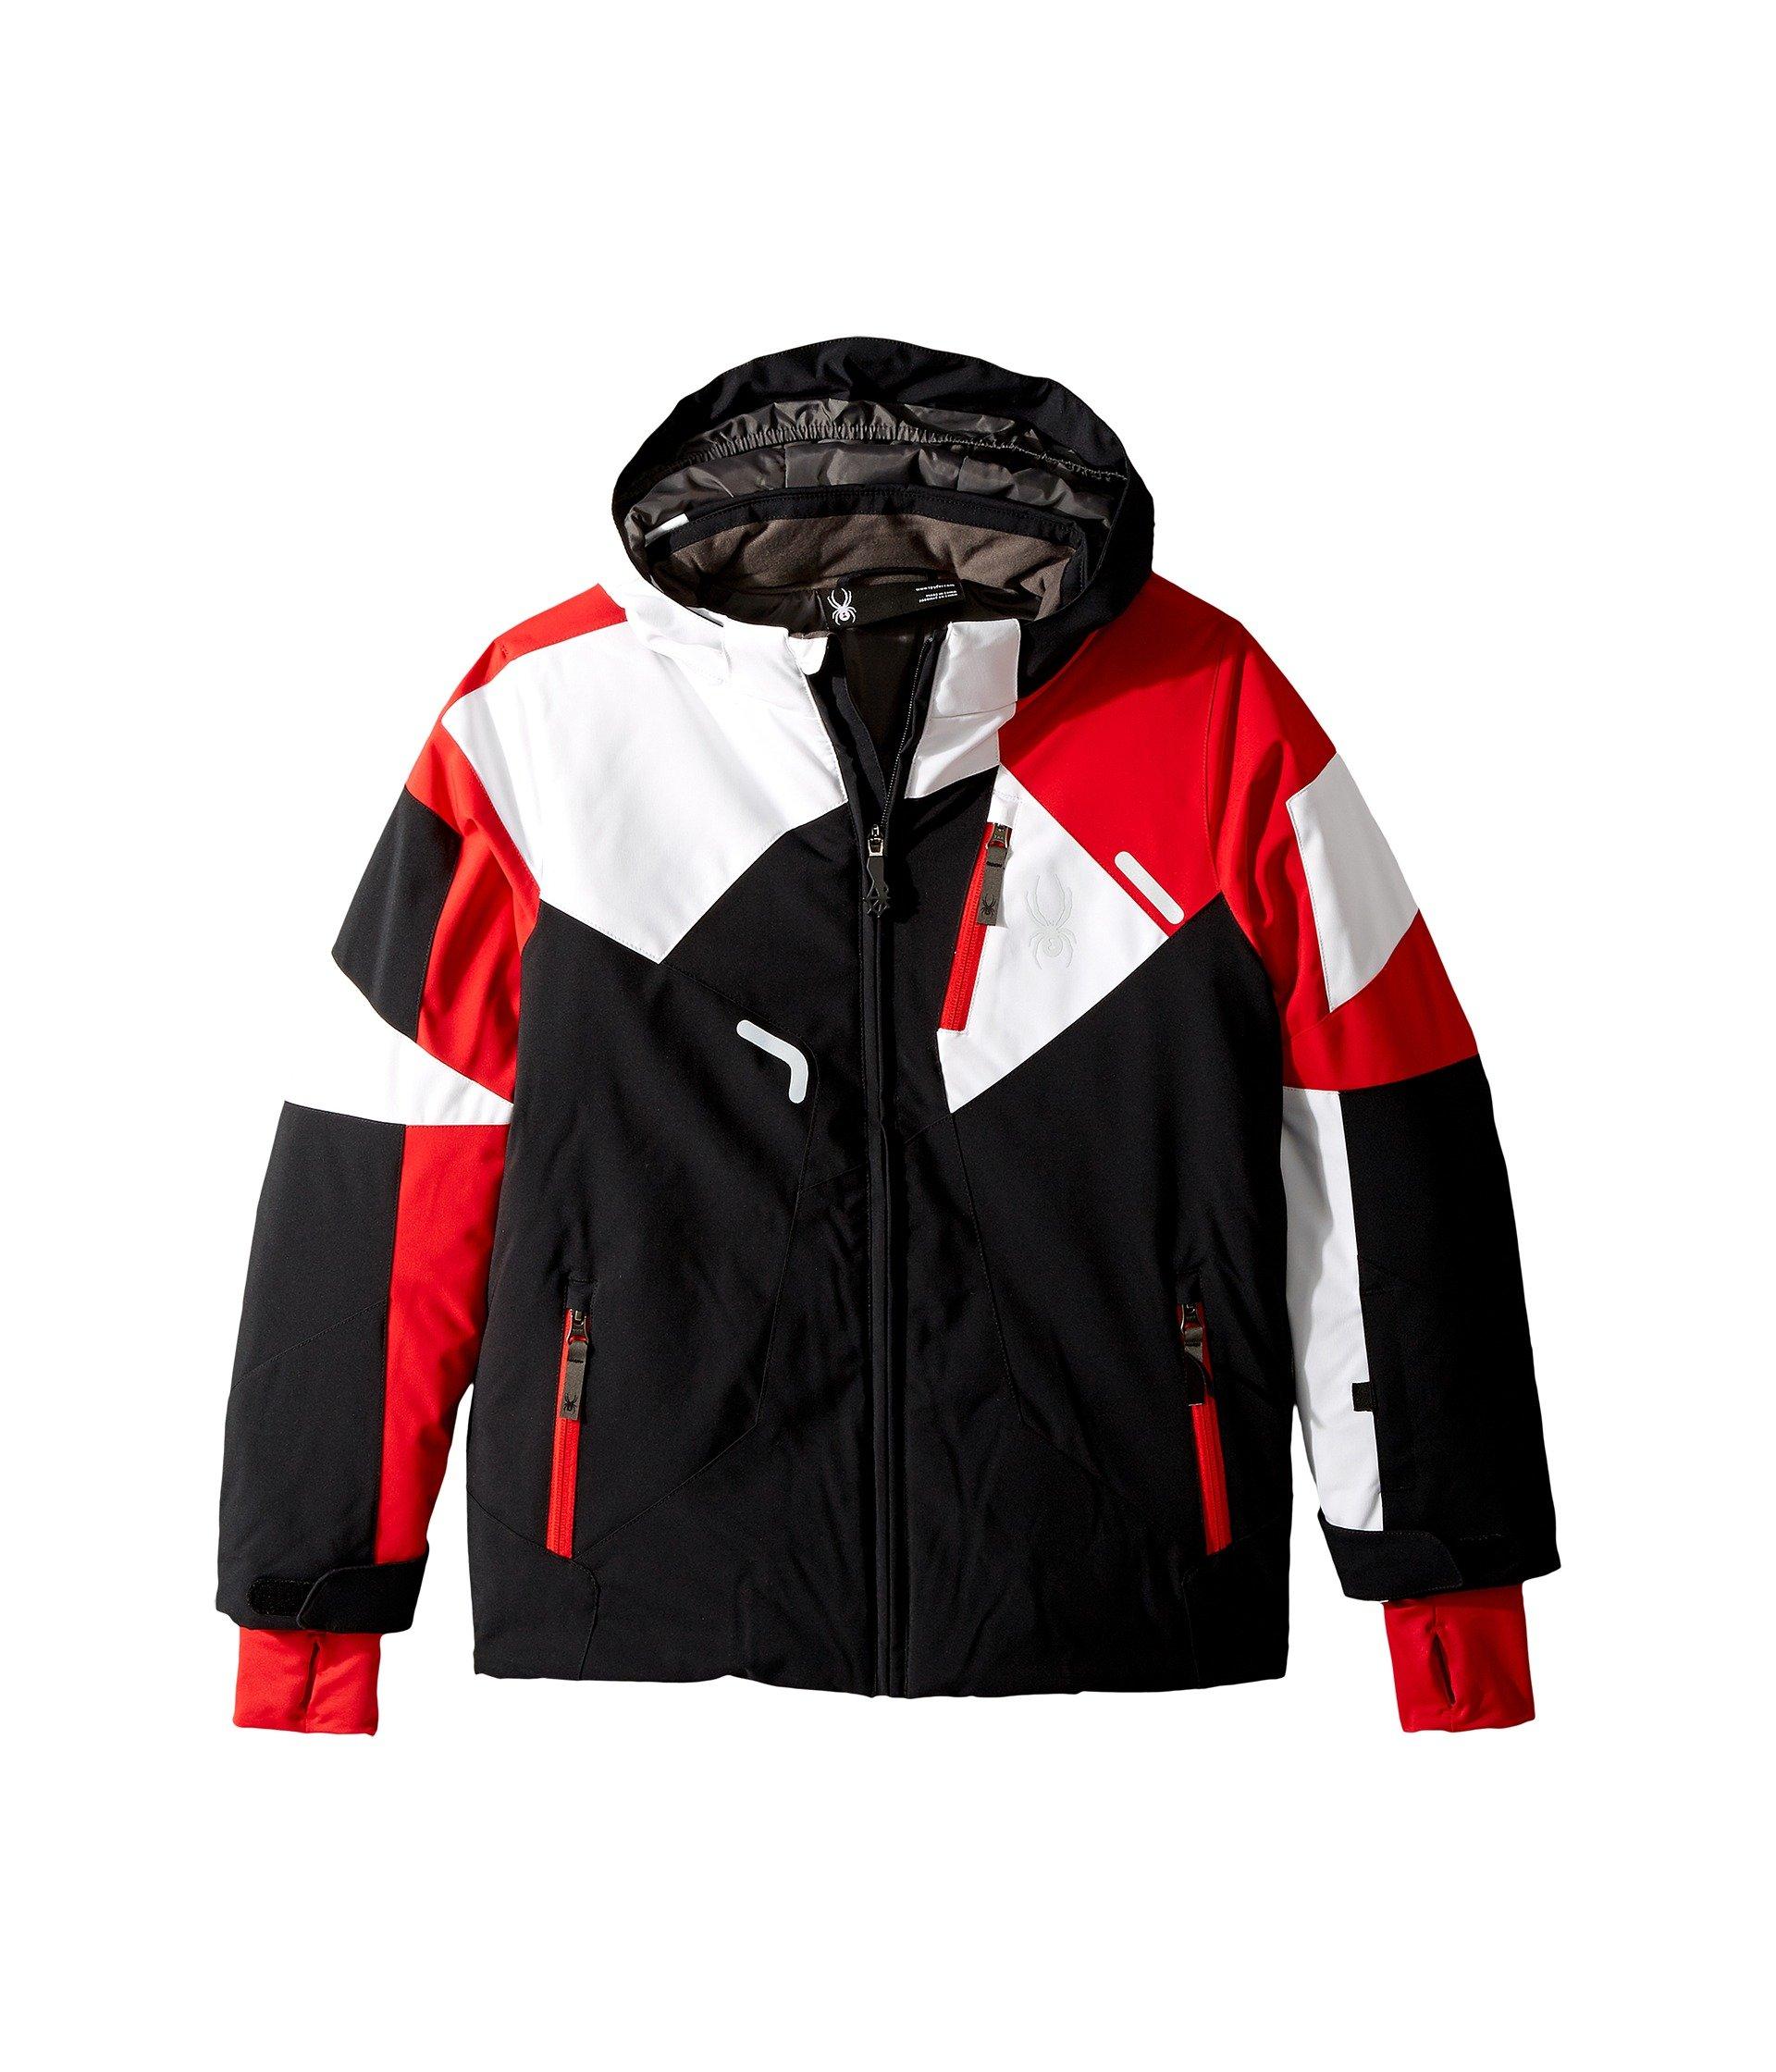 Spyder Kids Boy's Leader Jacket (Big Kids) Black/Red/White 18